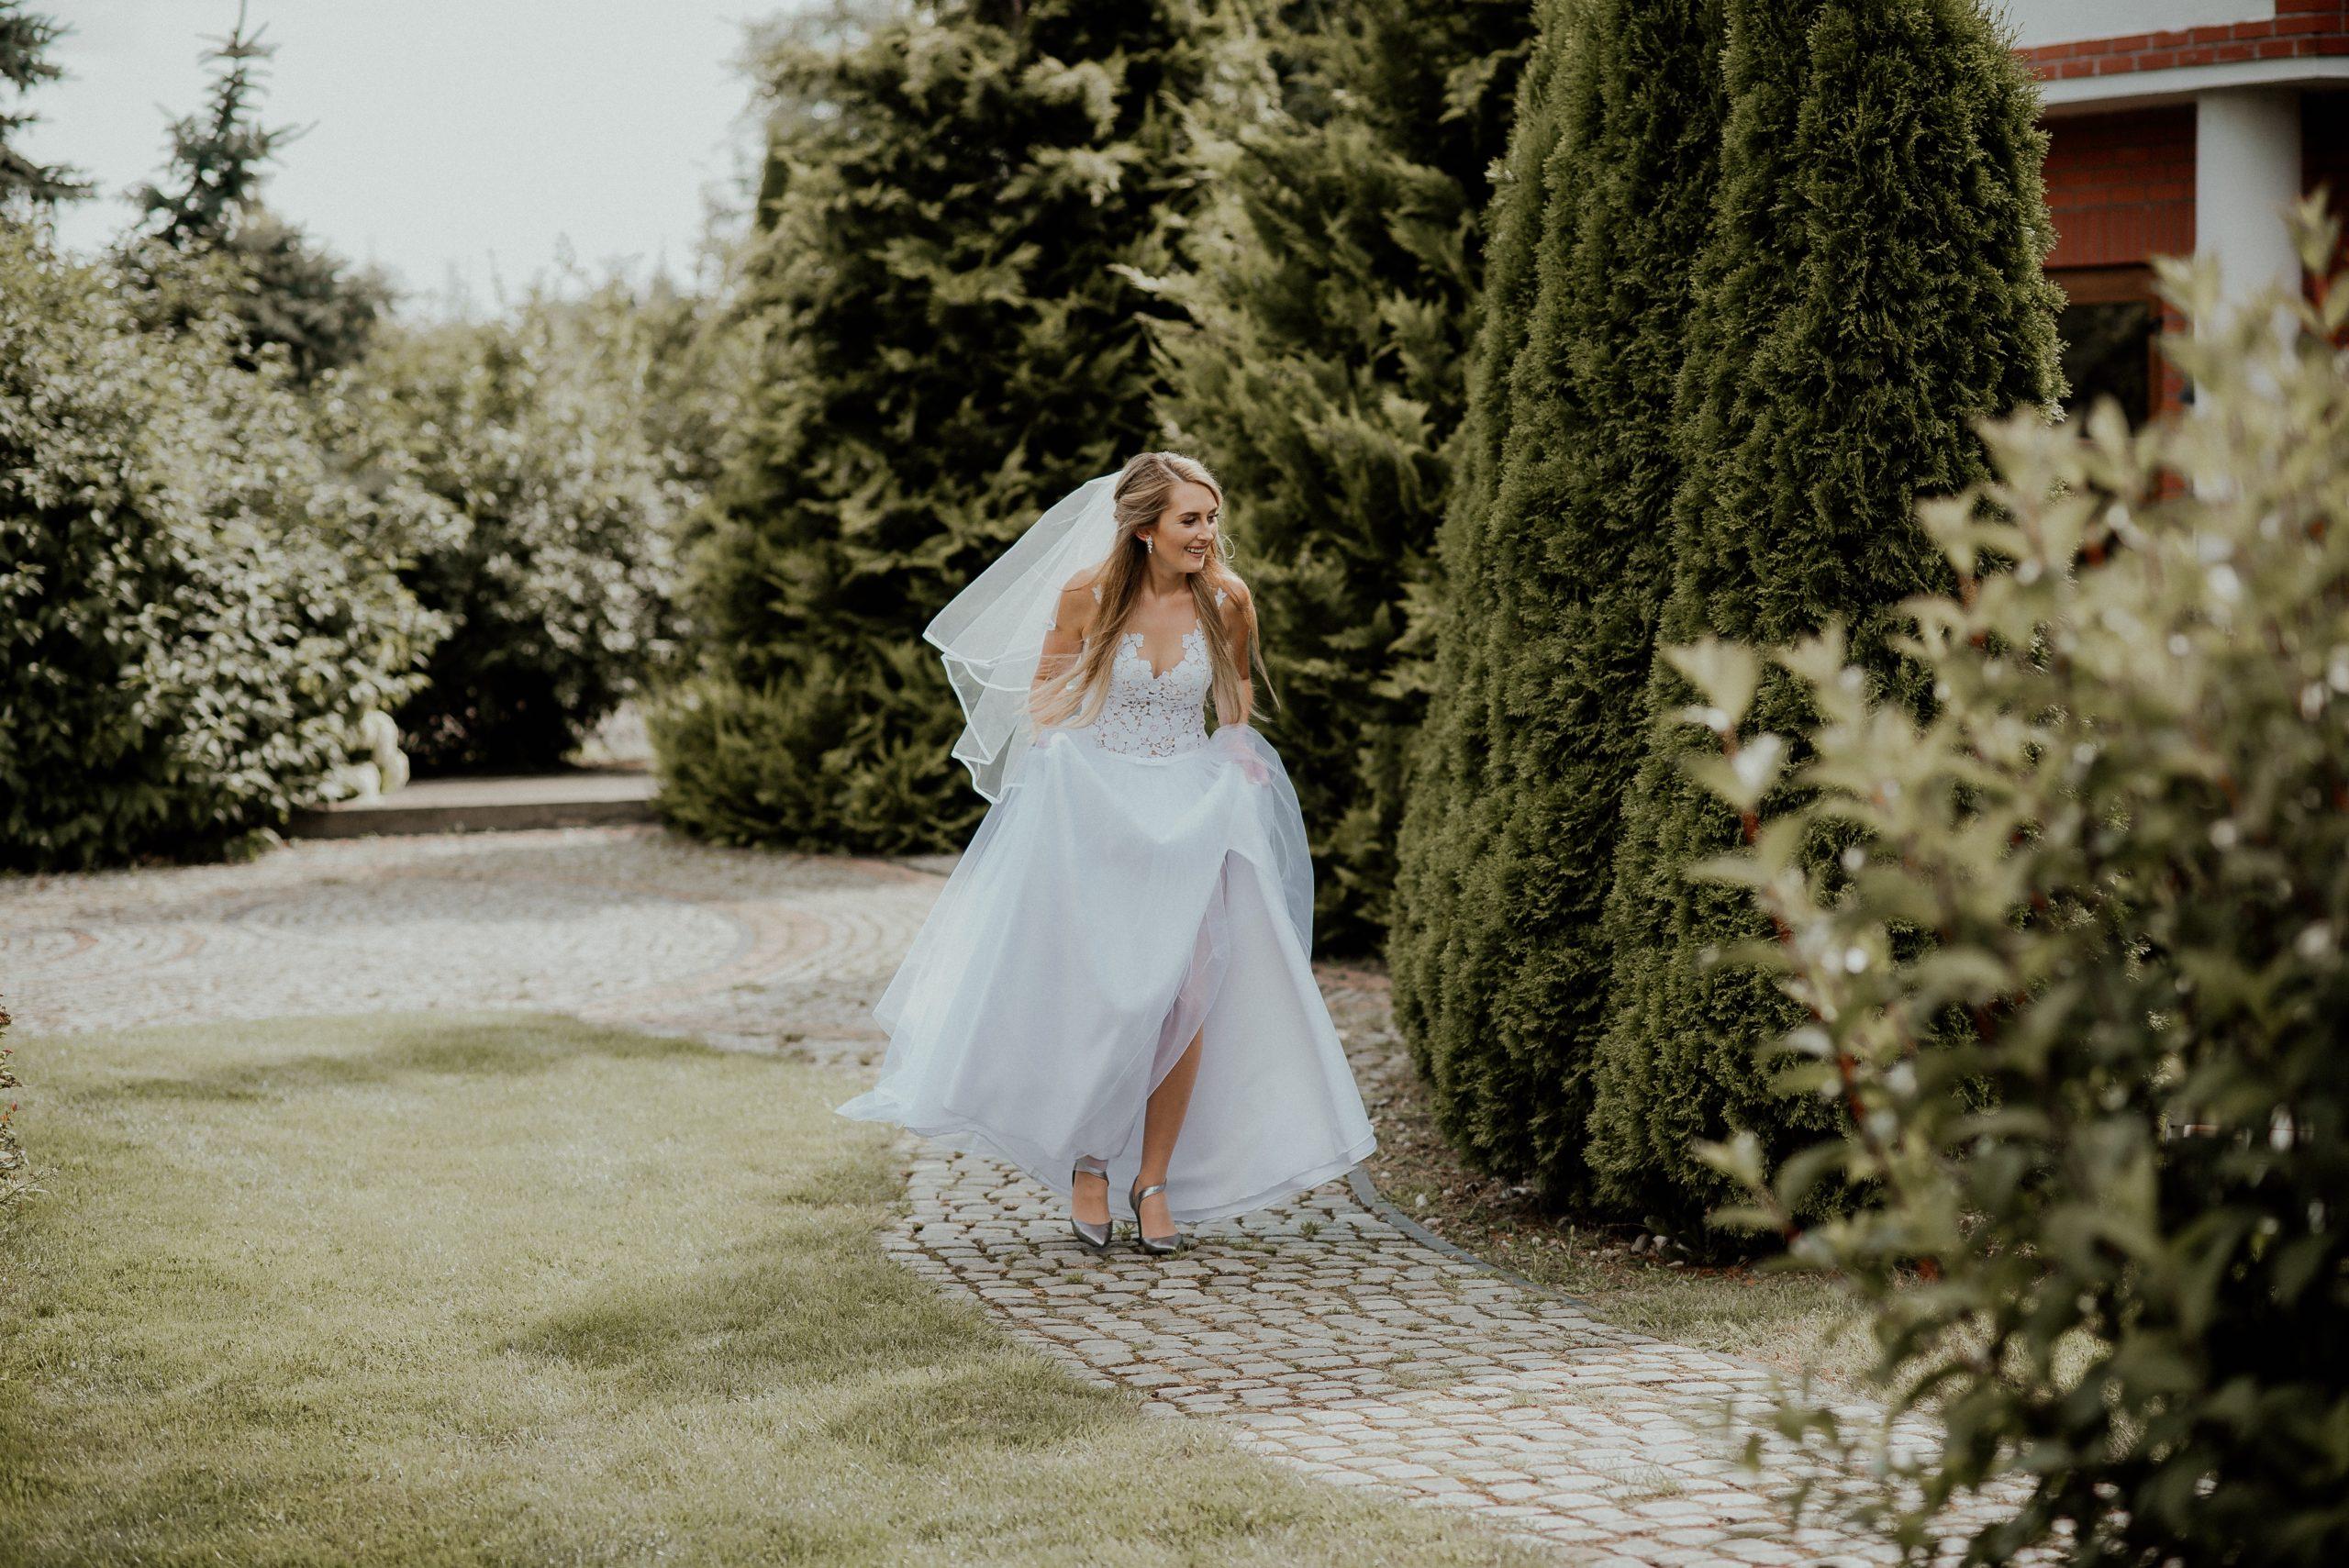 Jak dobrze wyjść na zdjęciach ślubnych 2